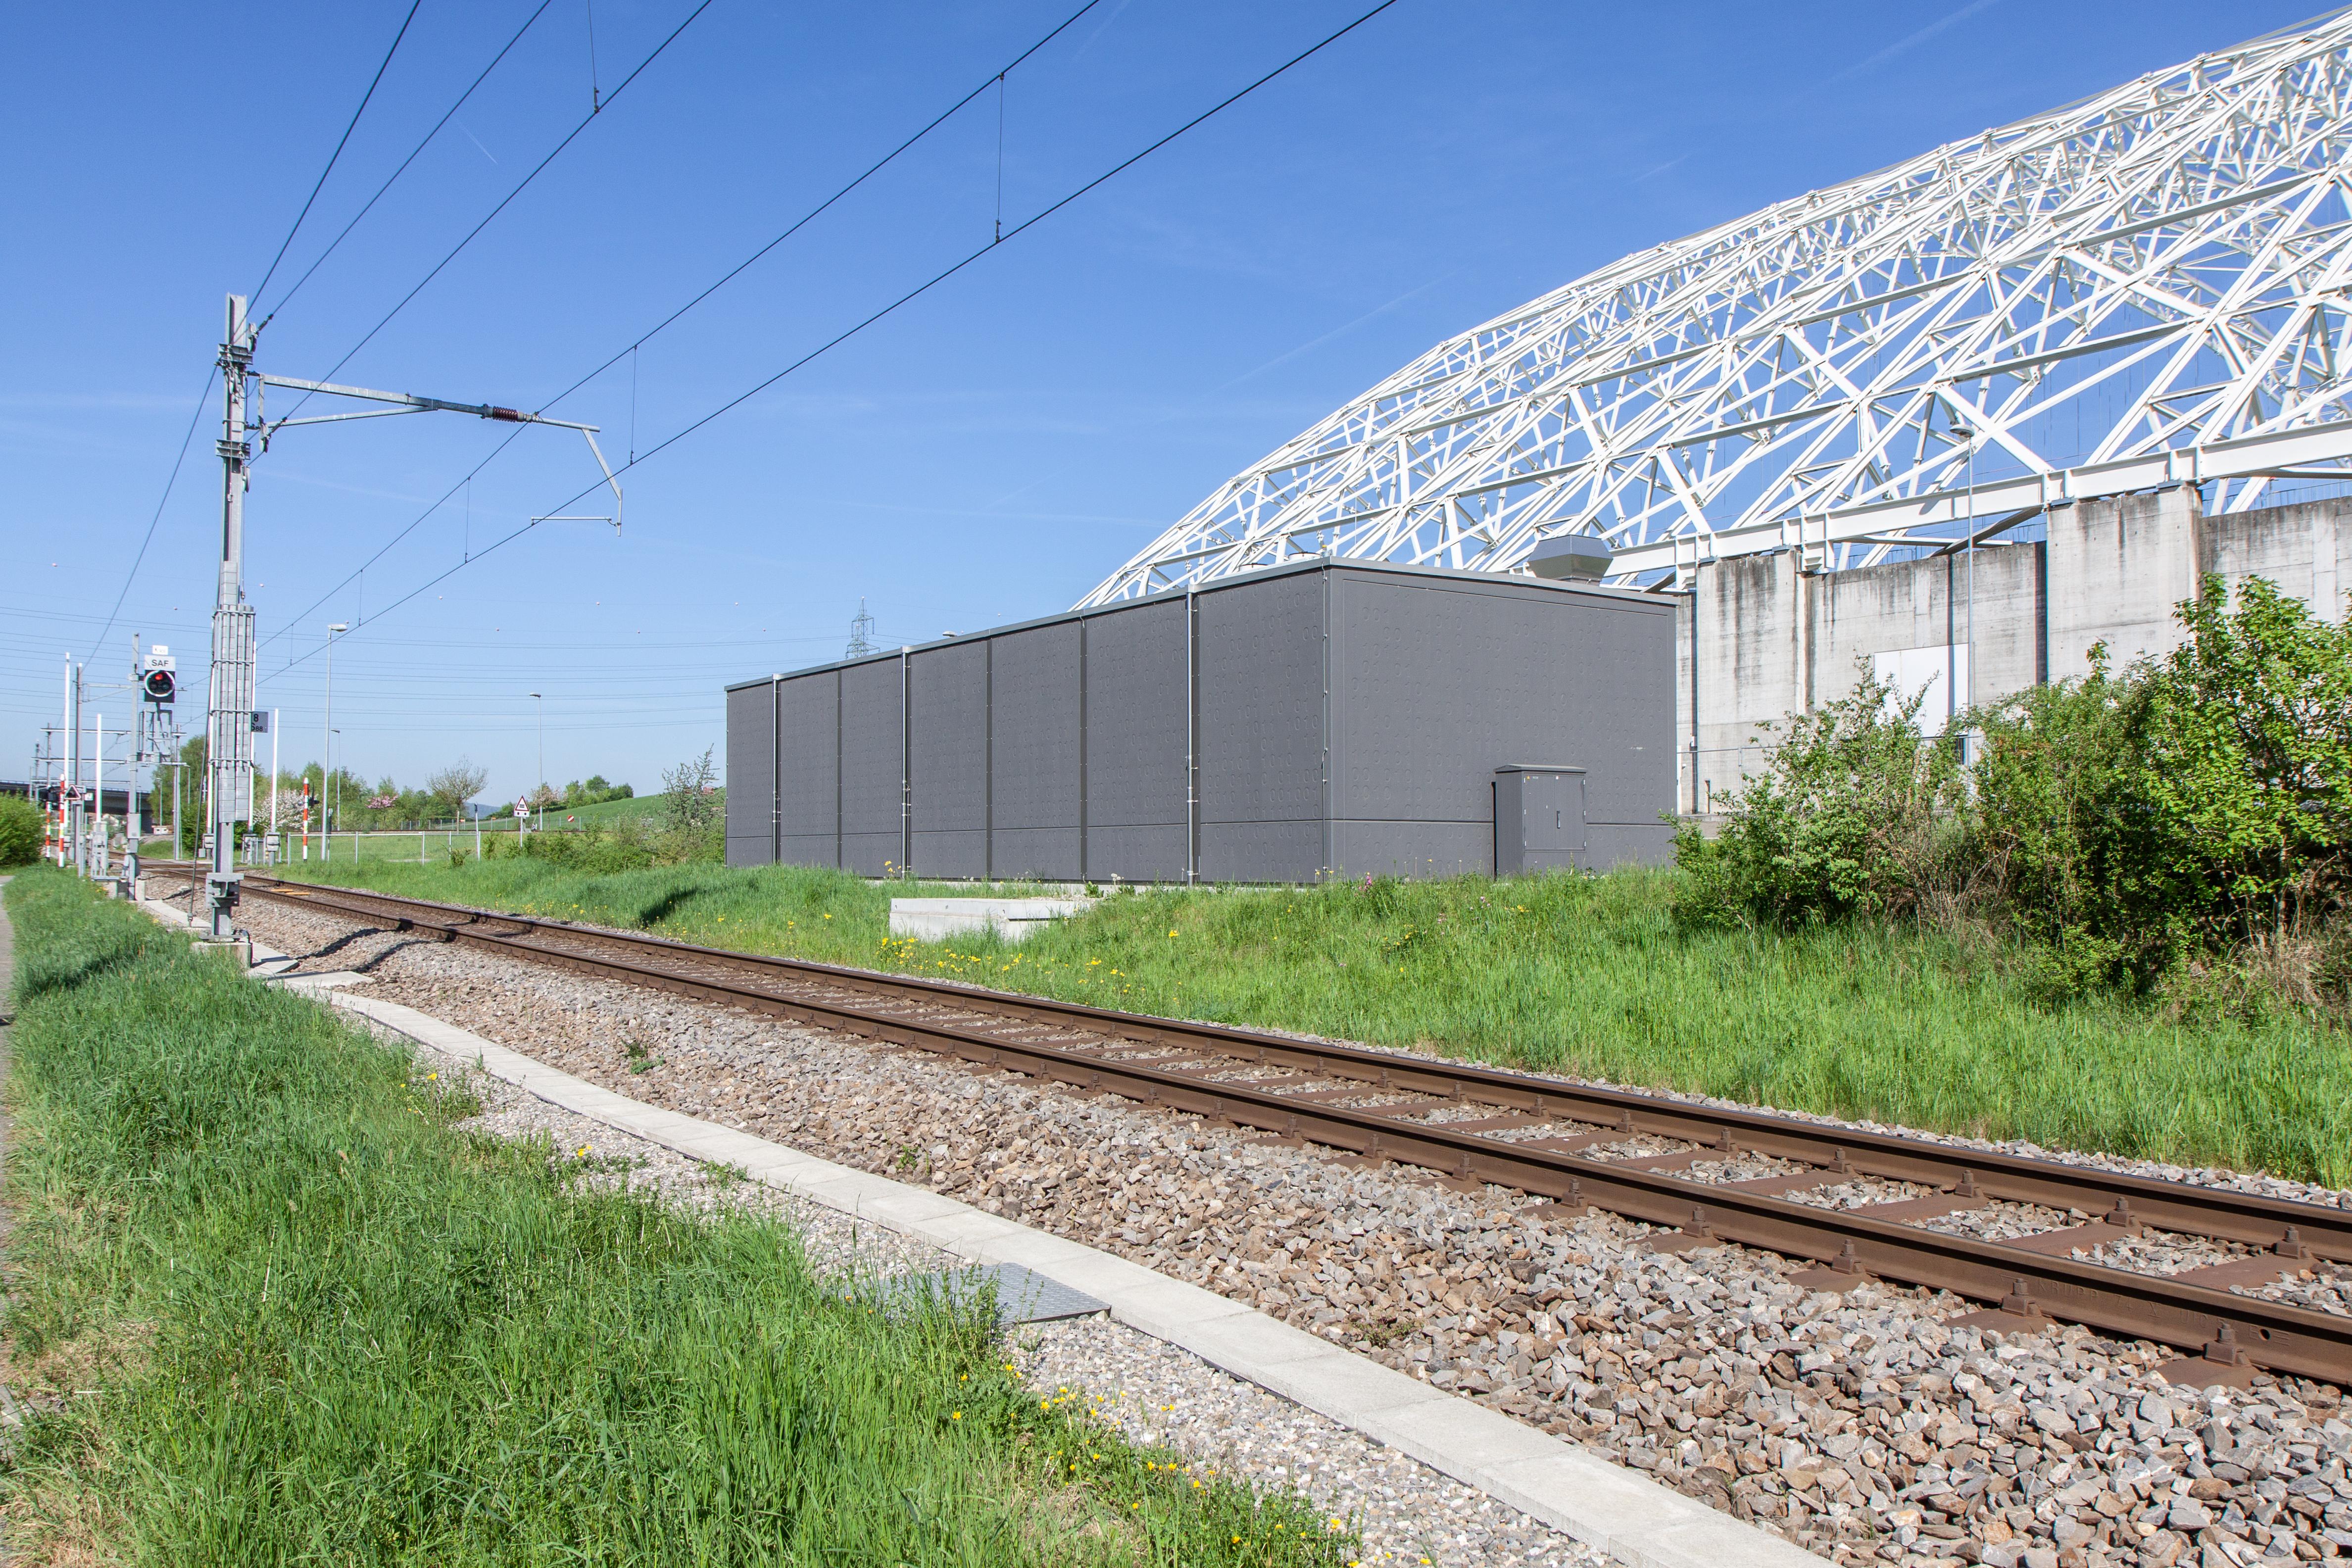 Bahntechnikgebäude, 5742 Kölliken-0490